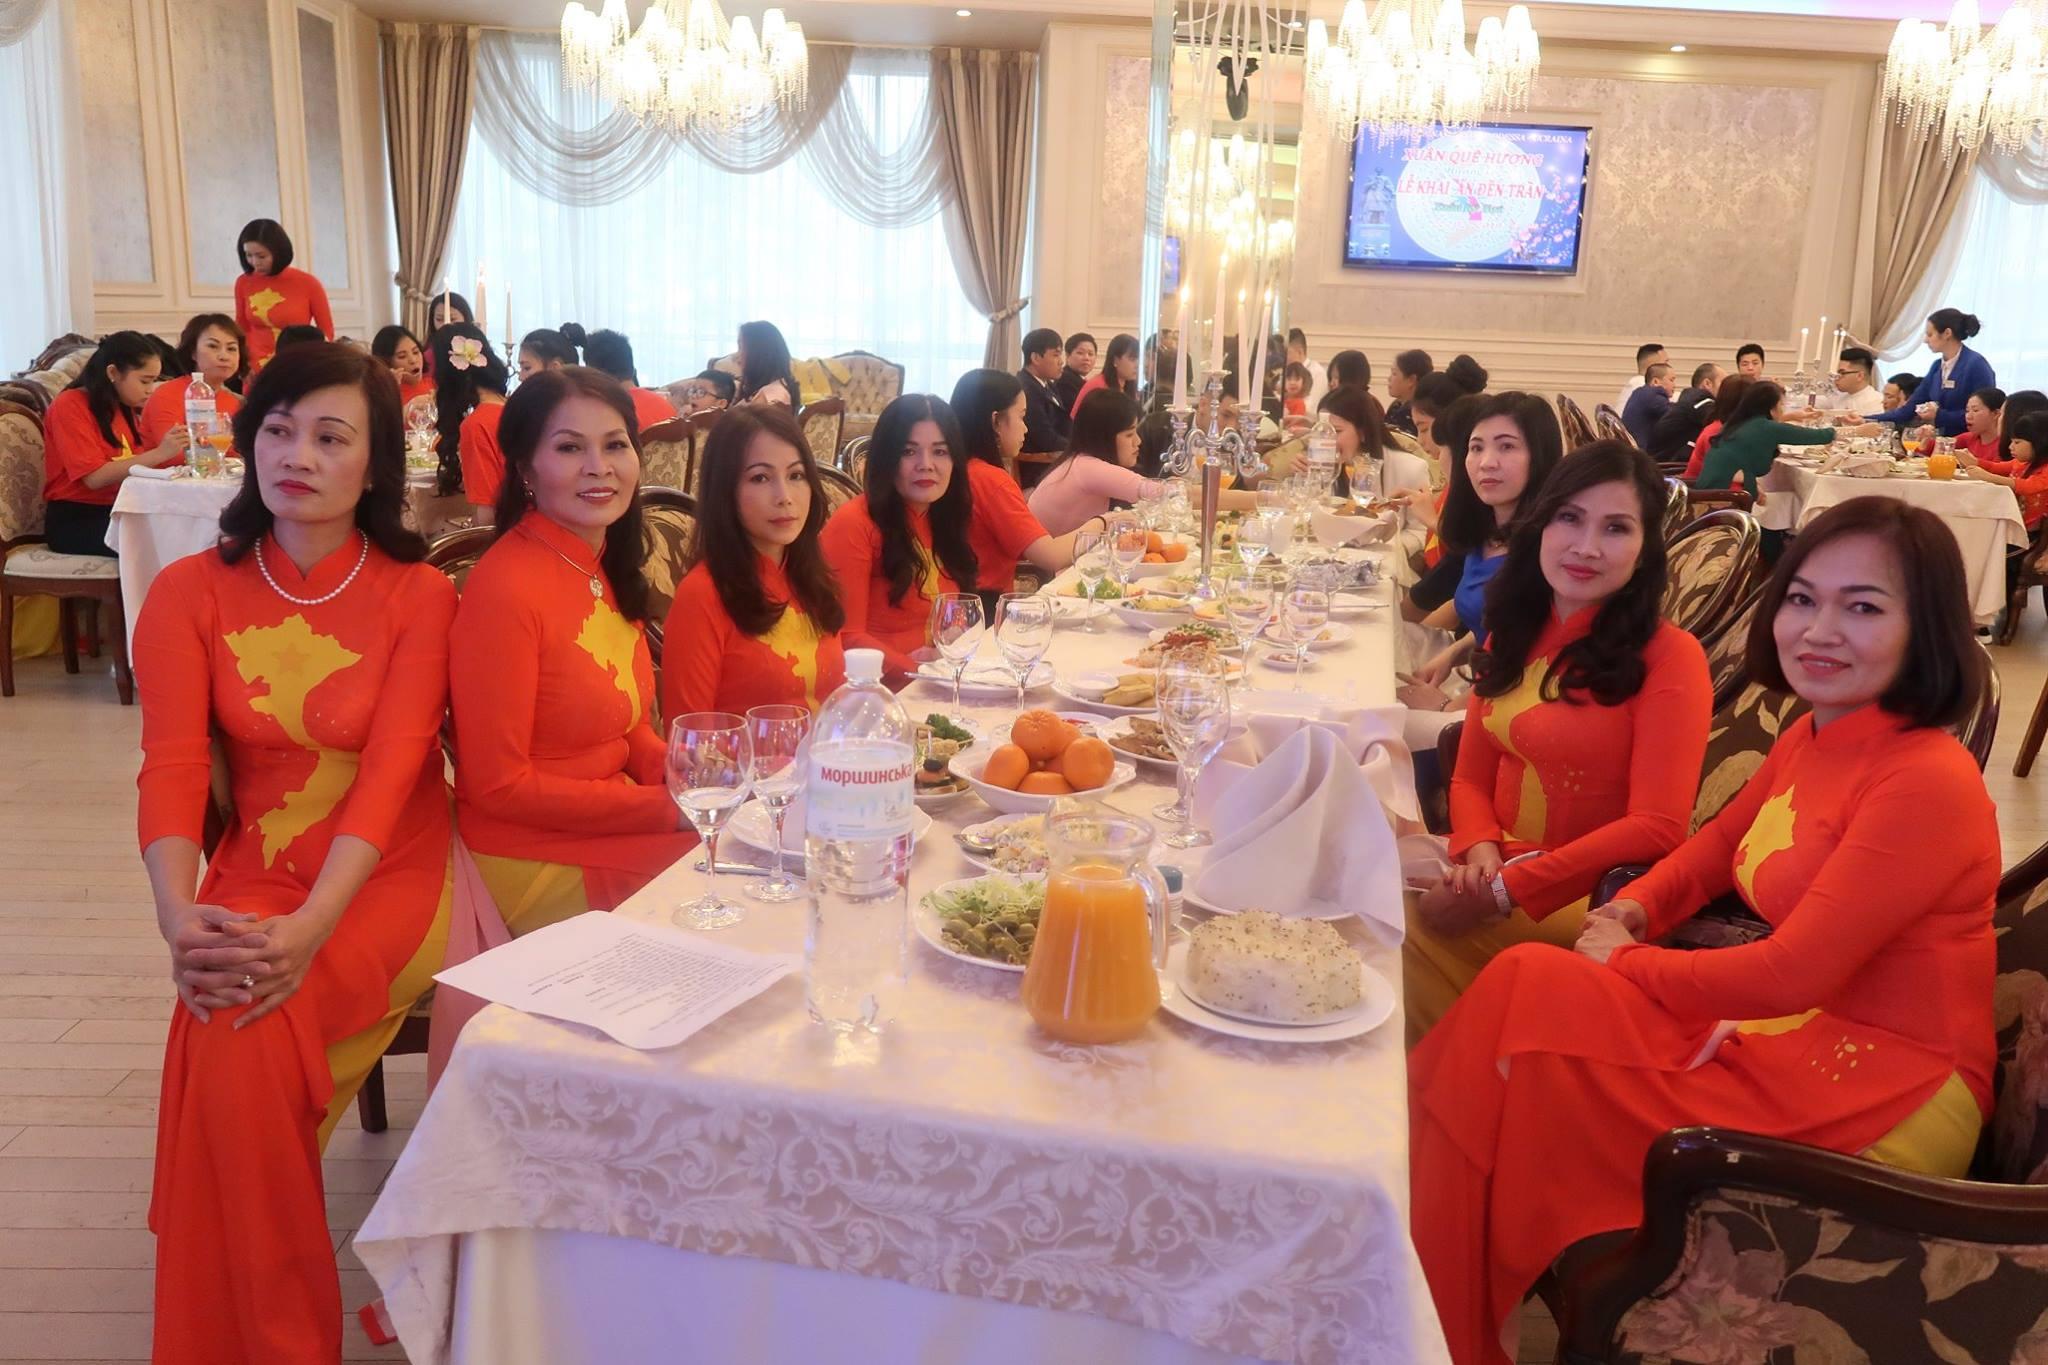 Người Việt xa quê vẫn hướng về cội nguồn dân tộc nhân ngày lễ khai ấn đền Trần